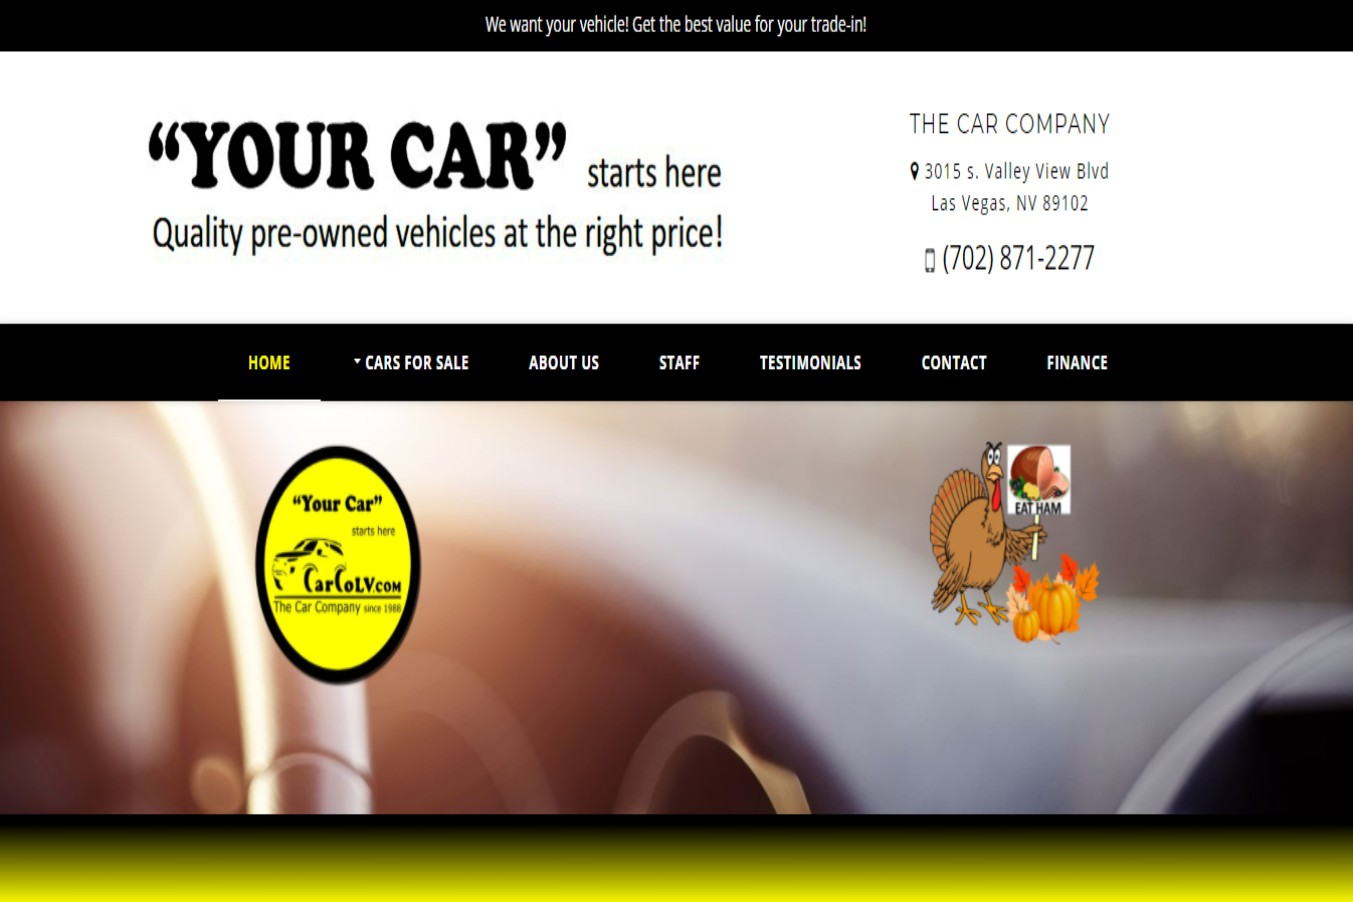 Top rated car dealership in Las Vegas, NV